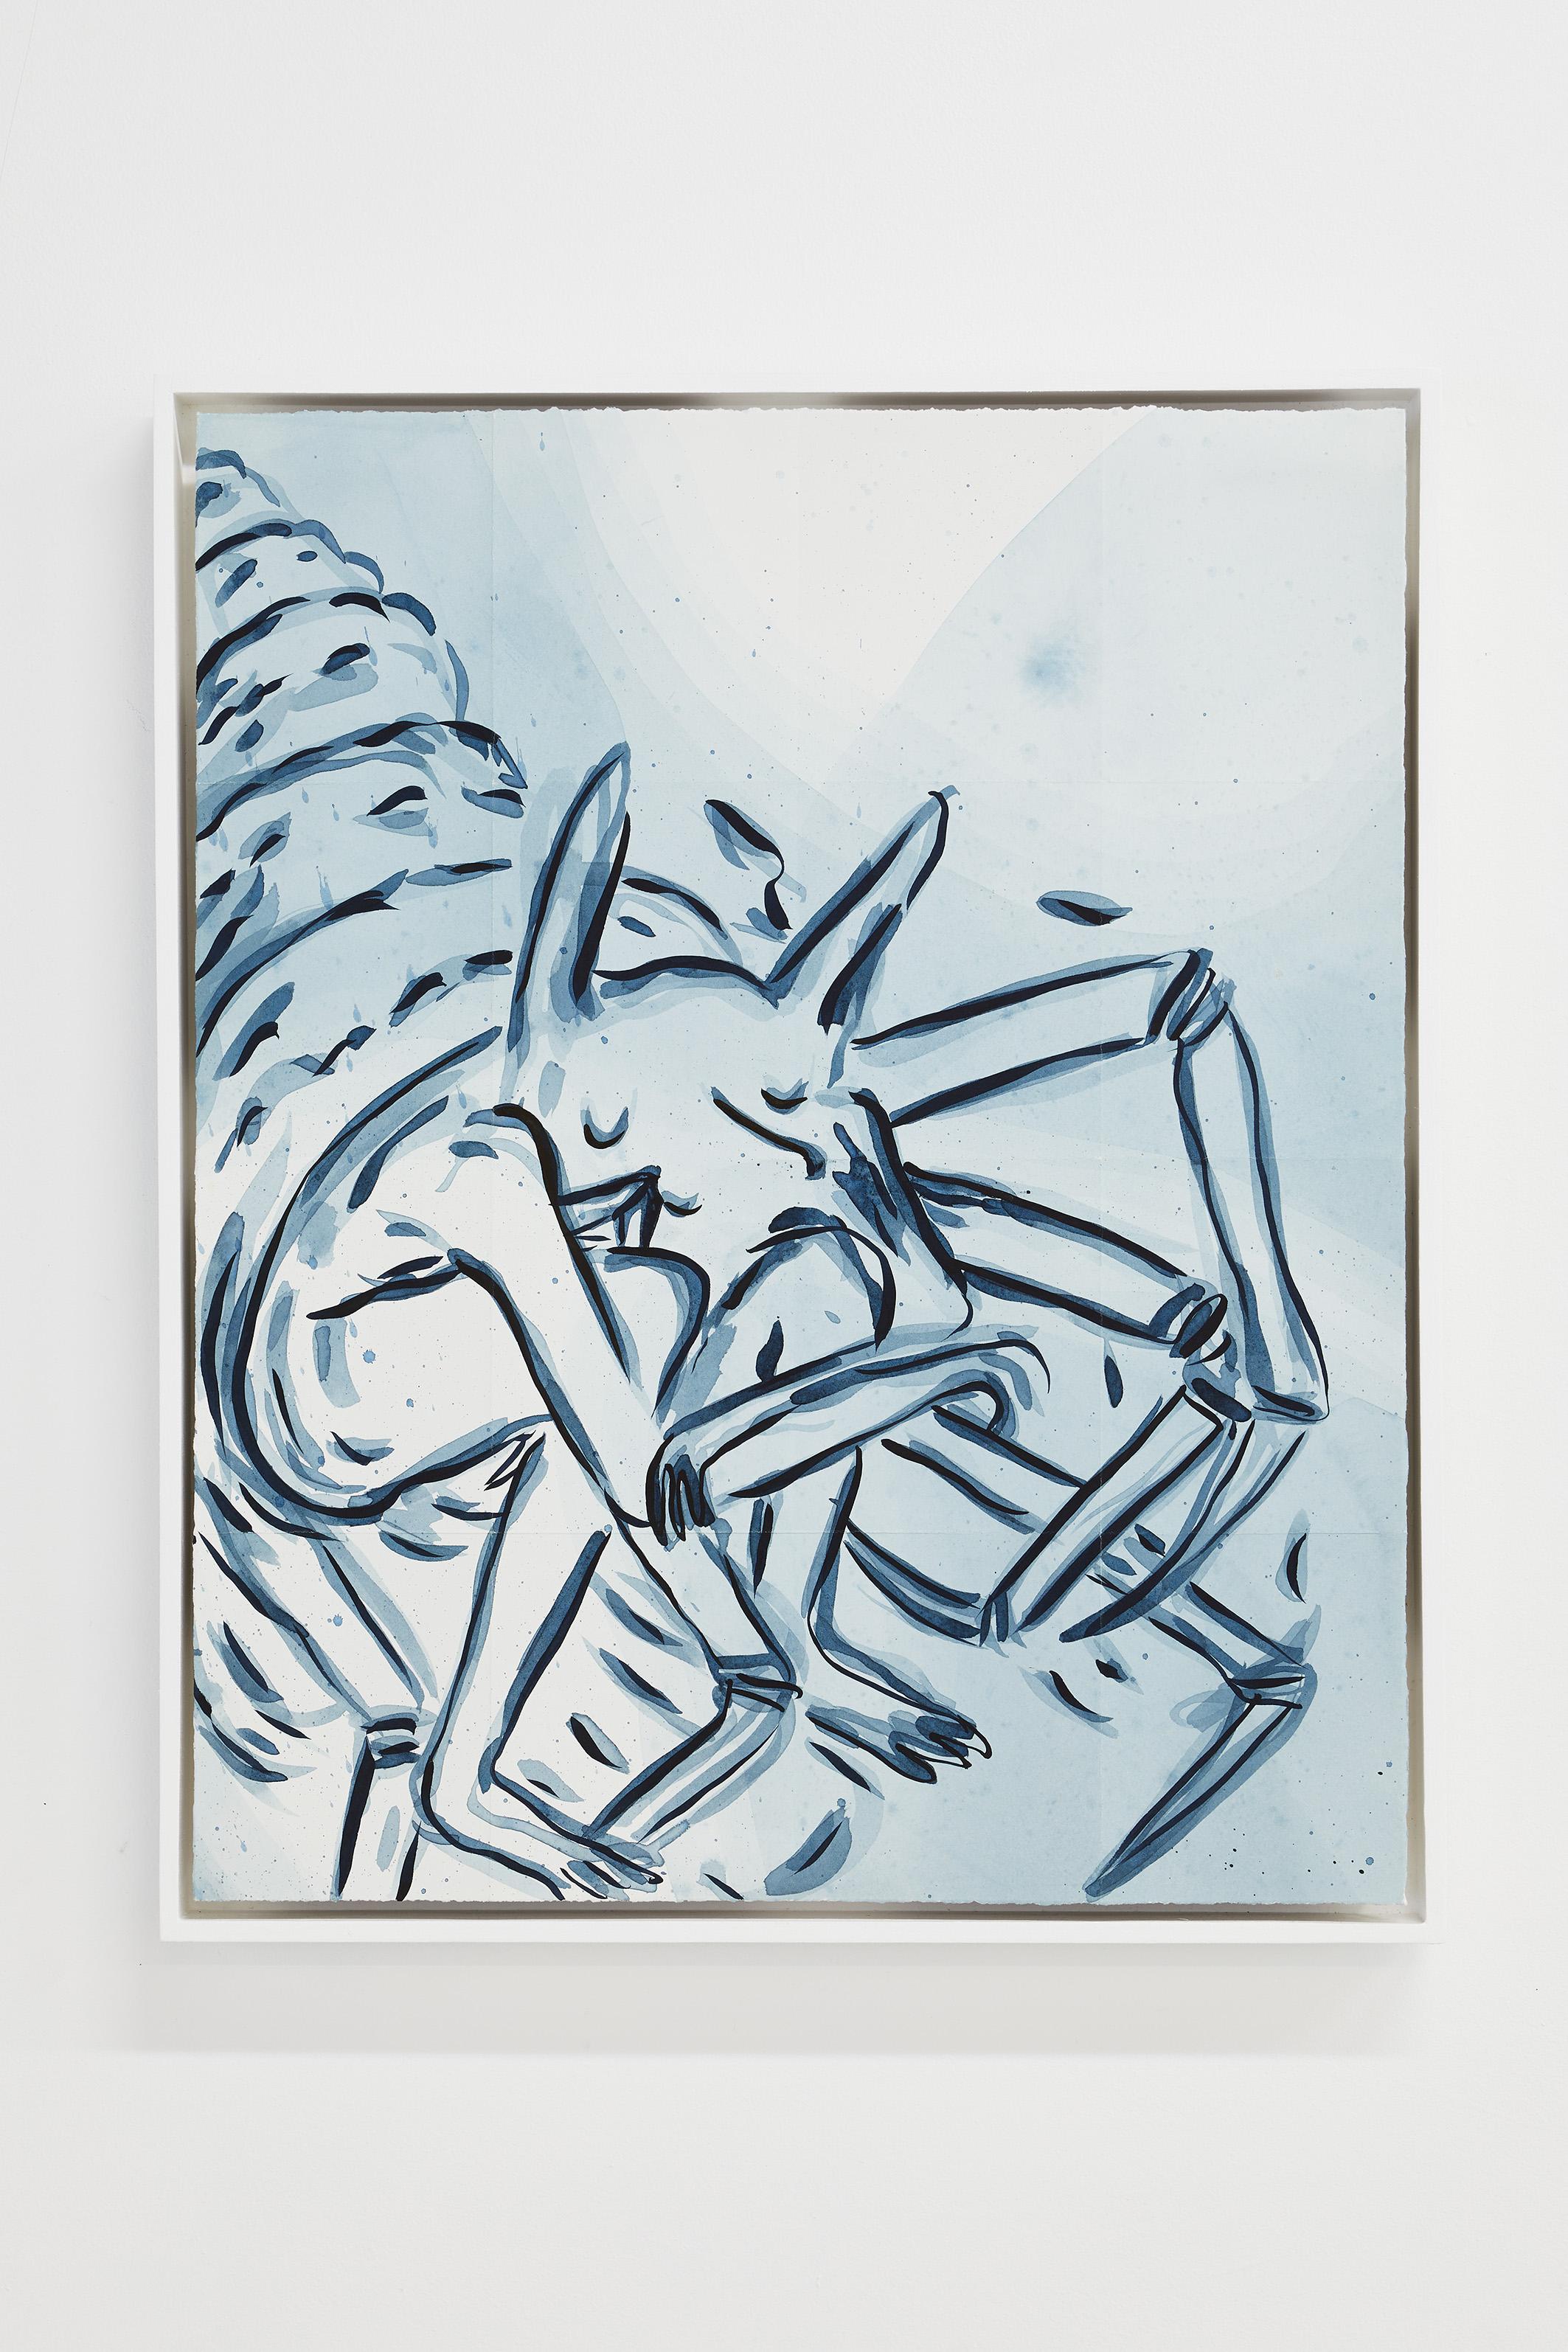 ELSA GUILLAUME, Topographie N°5, encre super papier Arches satiné 300g, 61 x 50 cm